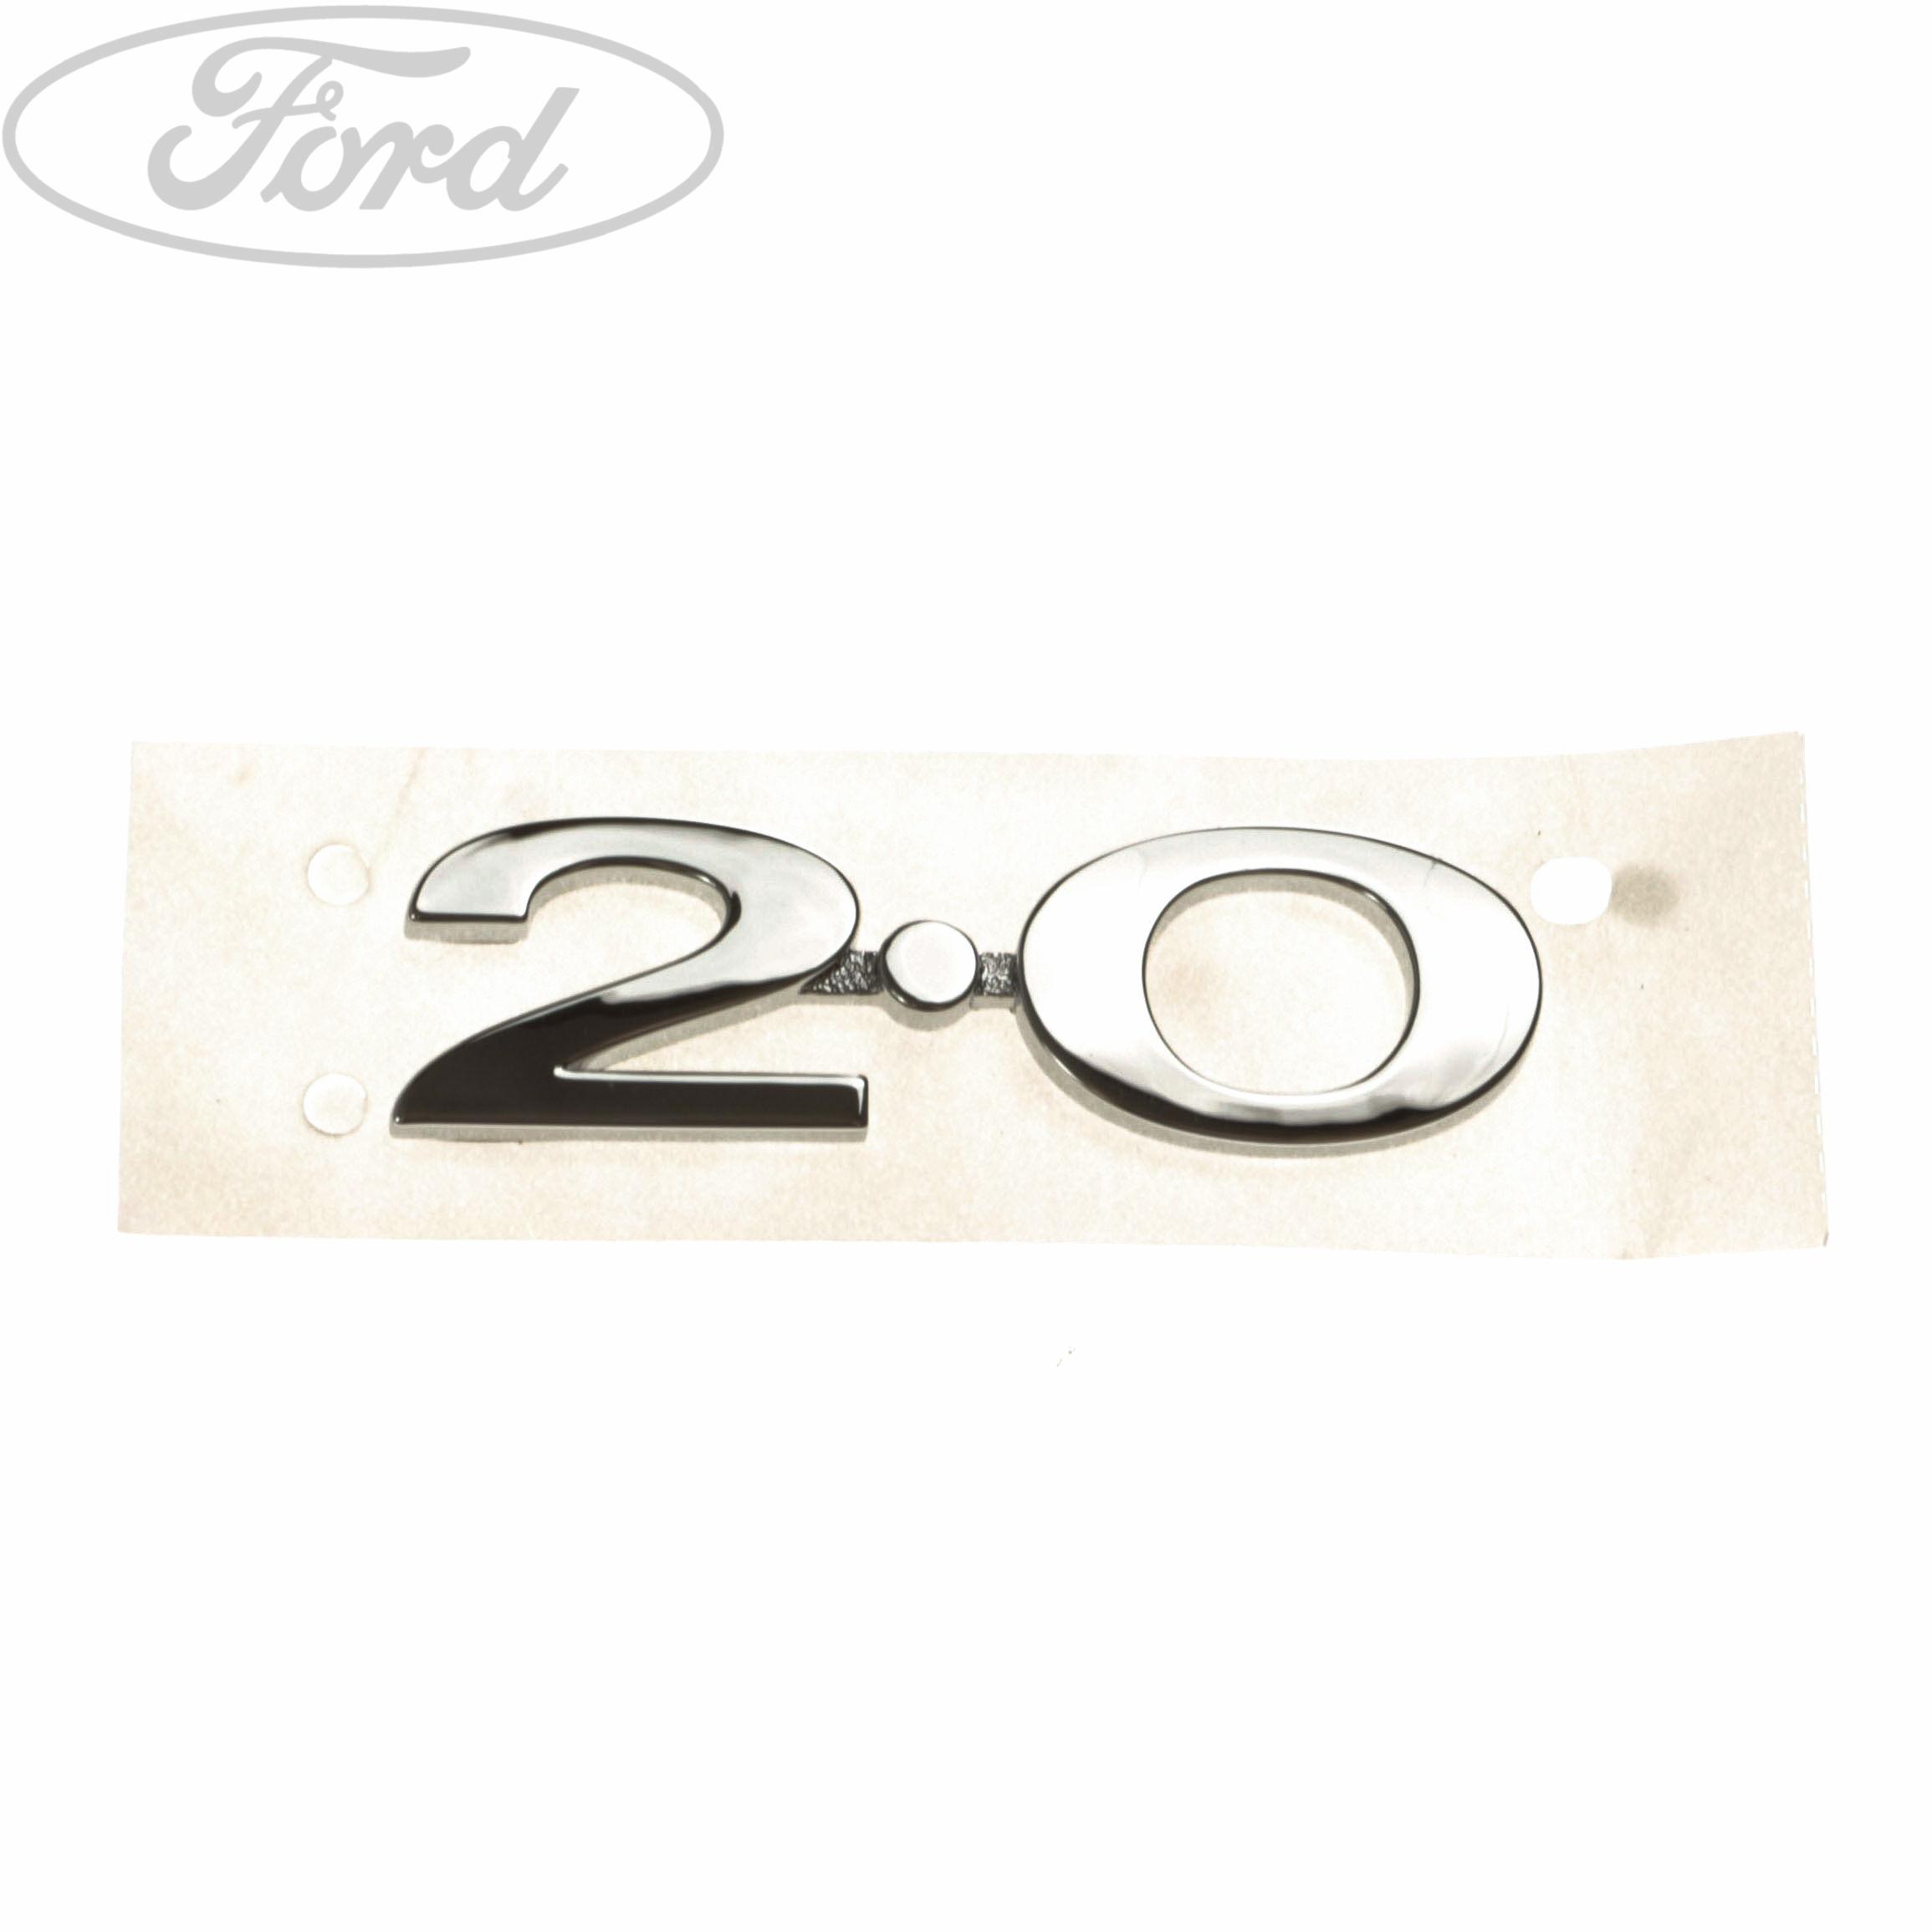 Genuine ford mondeo mk4 c max focus ii s max 2 0 name plate badge emblem 1686392